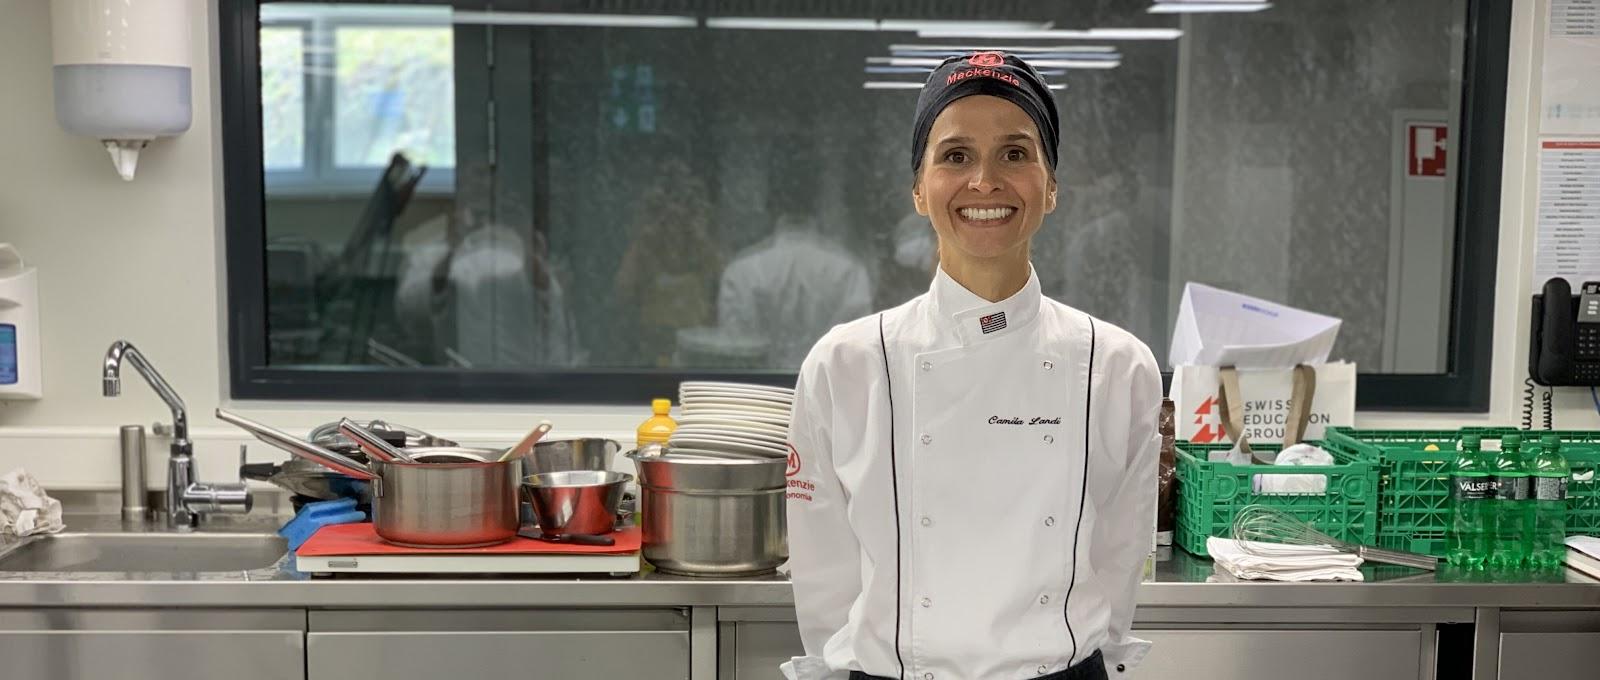 Coordenadora de Gastronomia do Mackenzie ministra aula na Suíça   Mackenzie